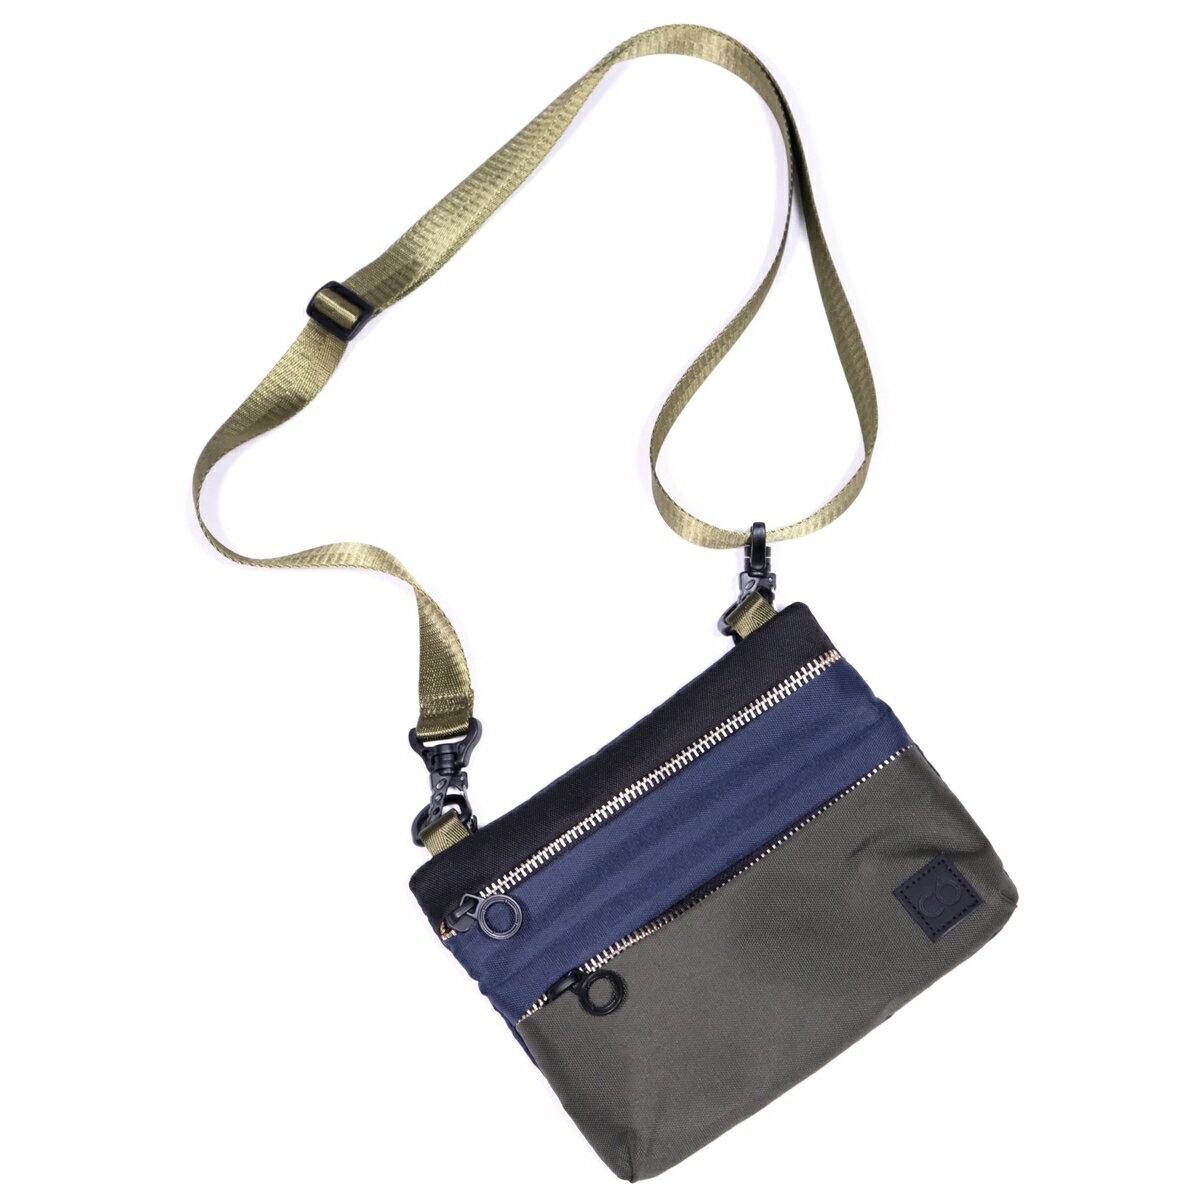 メンズバッグ, ショルダーバッグ・メッセンジャーバッグ C6 Diazene Messenger Bag (Multi) C2069 RePET